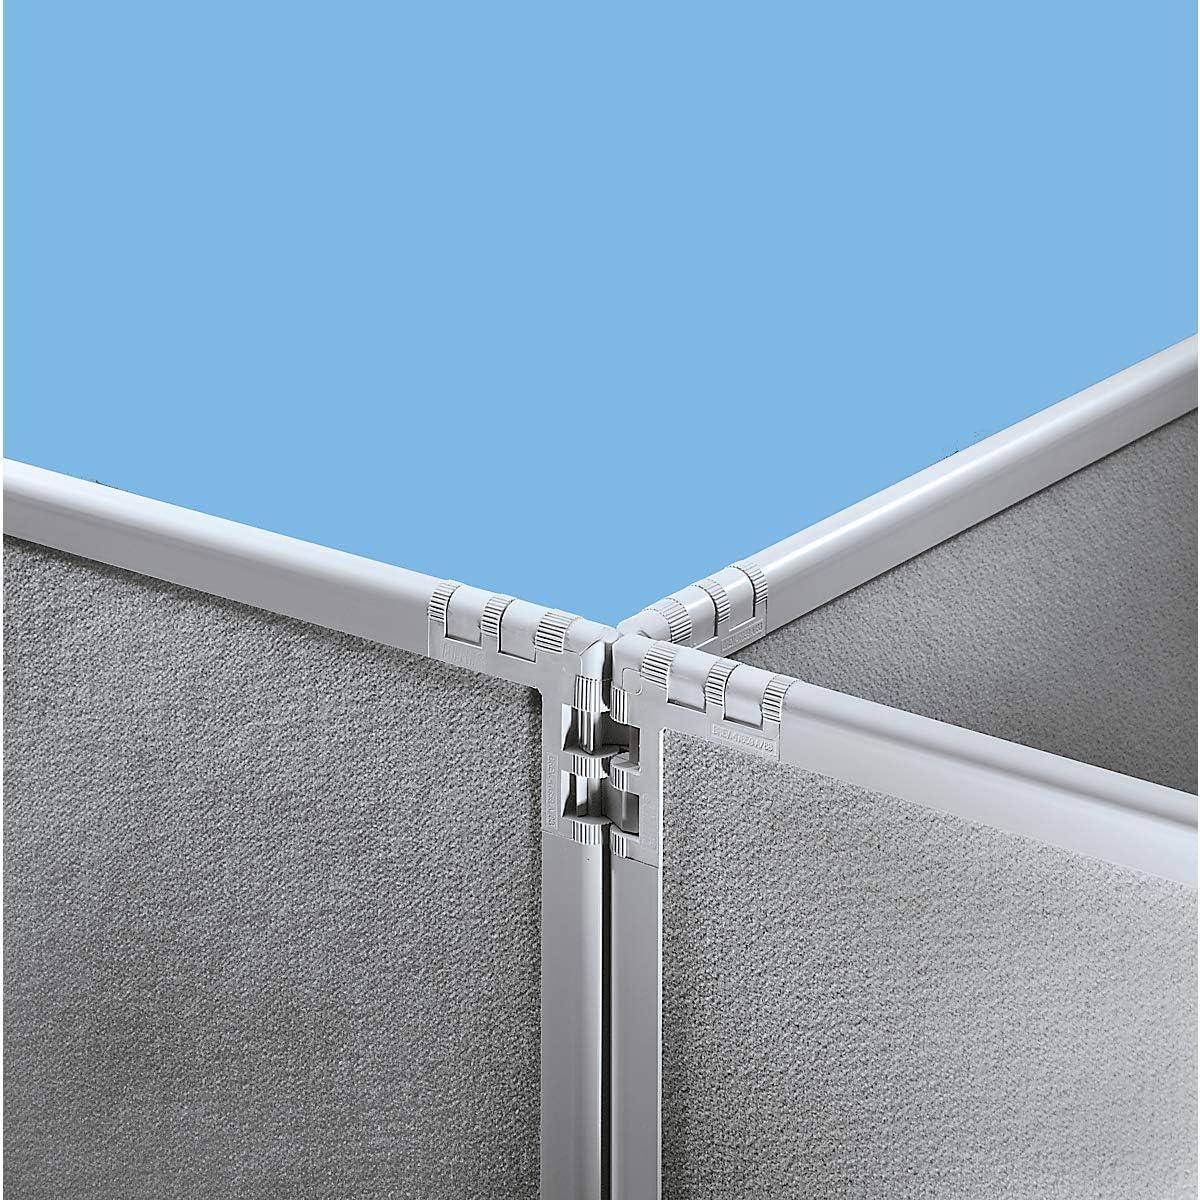 Dividir – plástico, Marco Gris Pizarra – blanco perla, H x L 1300 x 1300 mm – Dispositivo de delimitación mampara de separación paredes de separación separación de separación Dividir Dividir Industrial